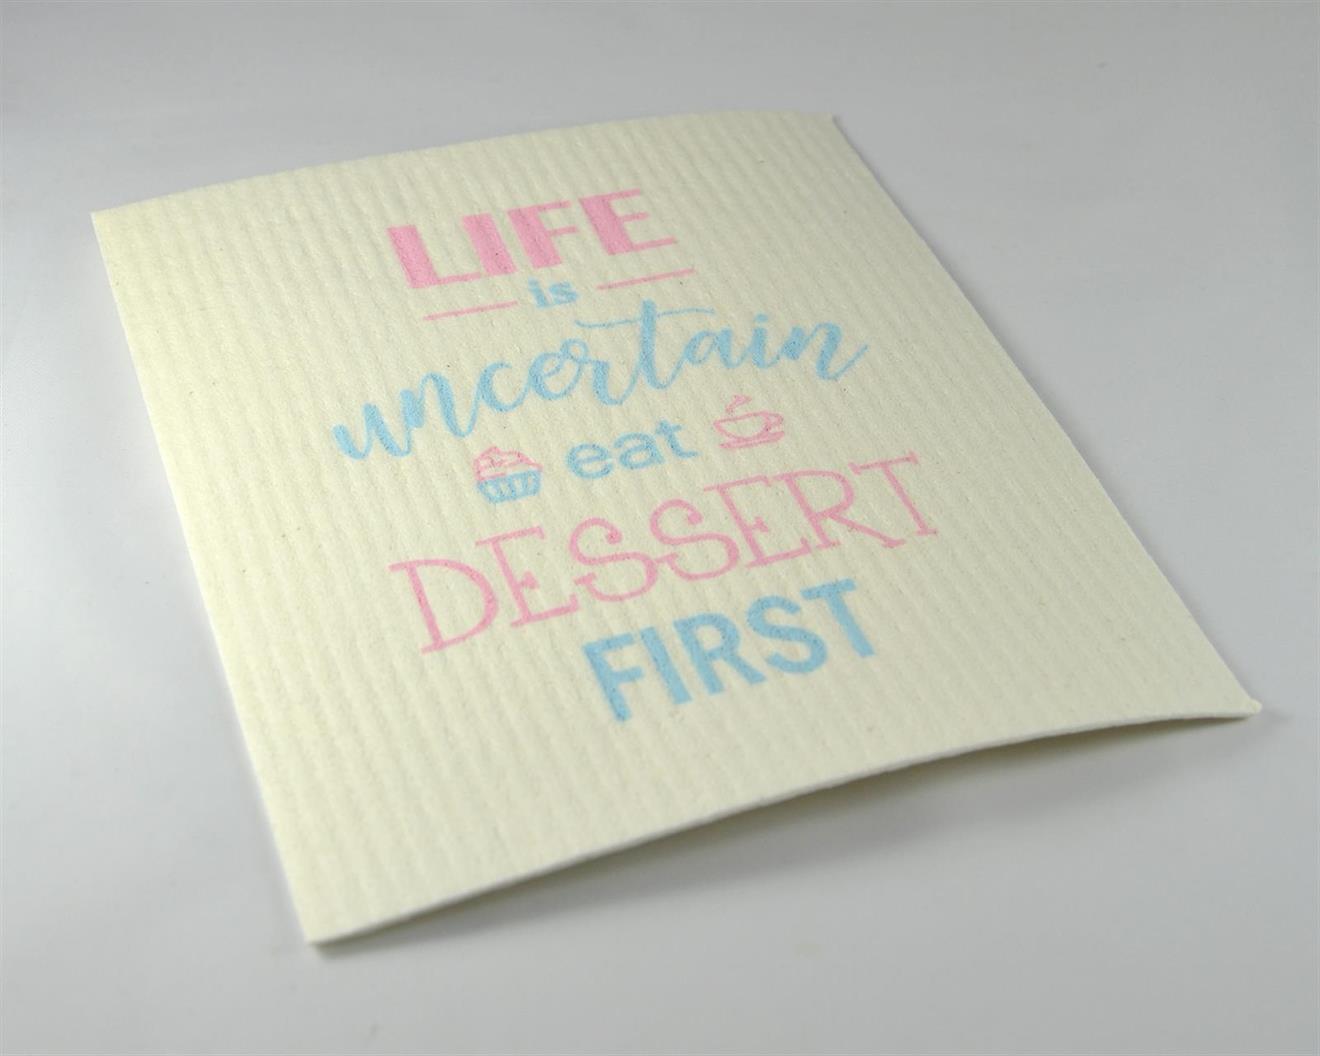 Disktrasa, Eat dessert first, vit/blå-rosa text